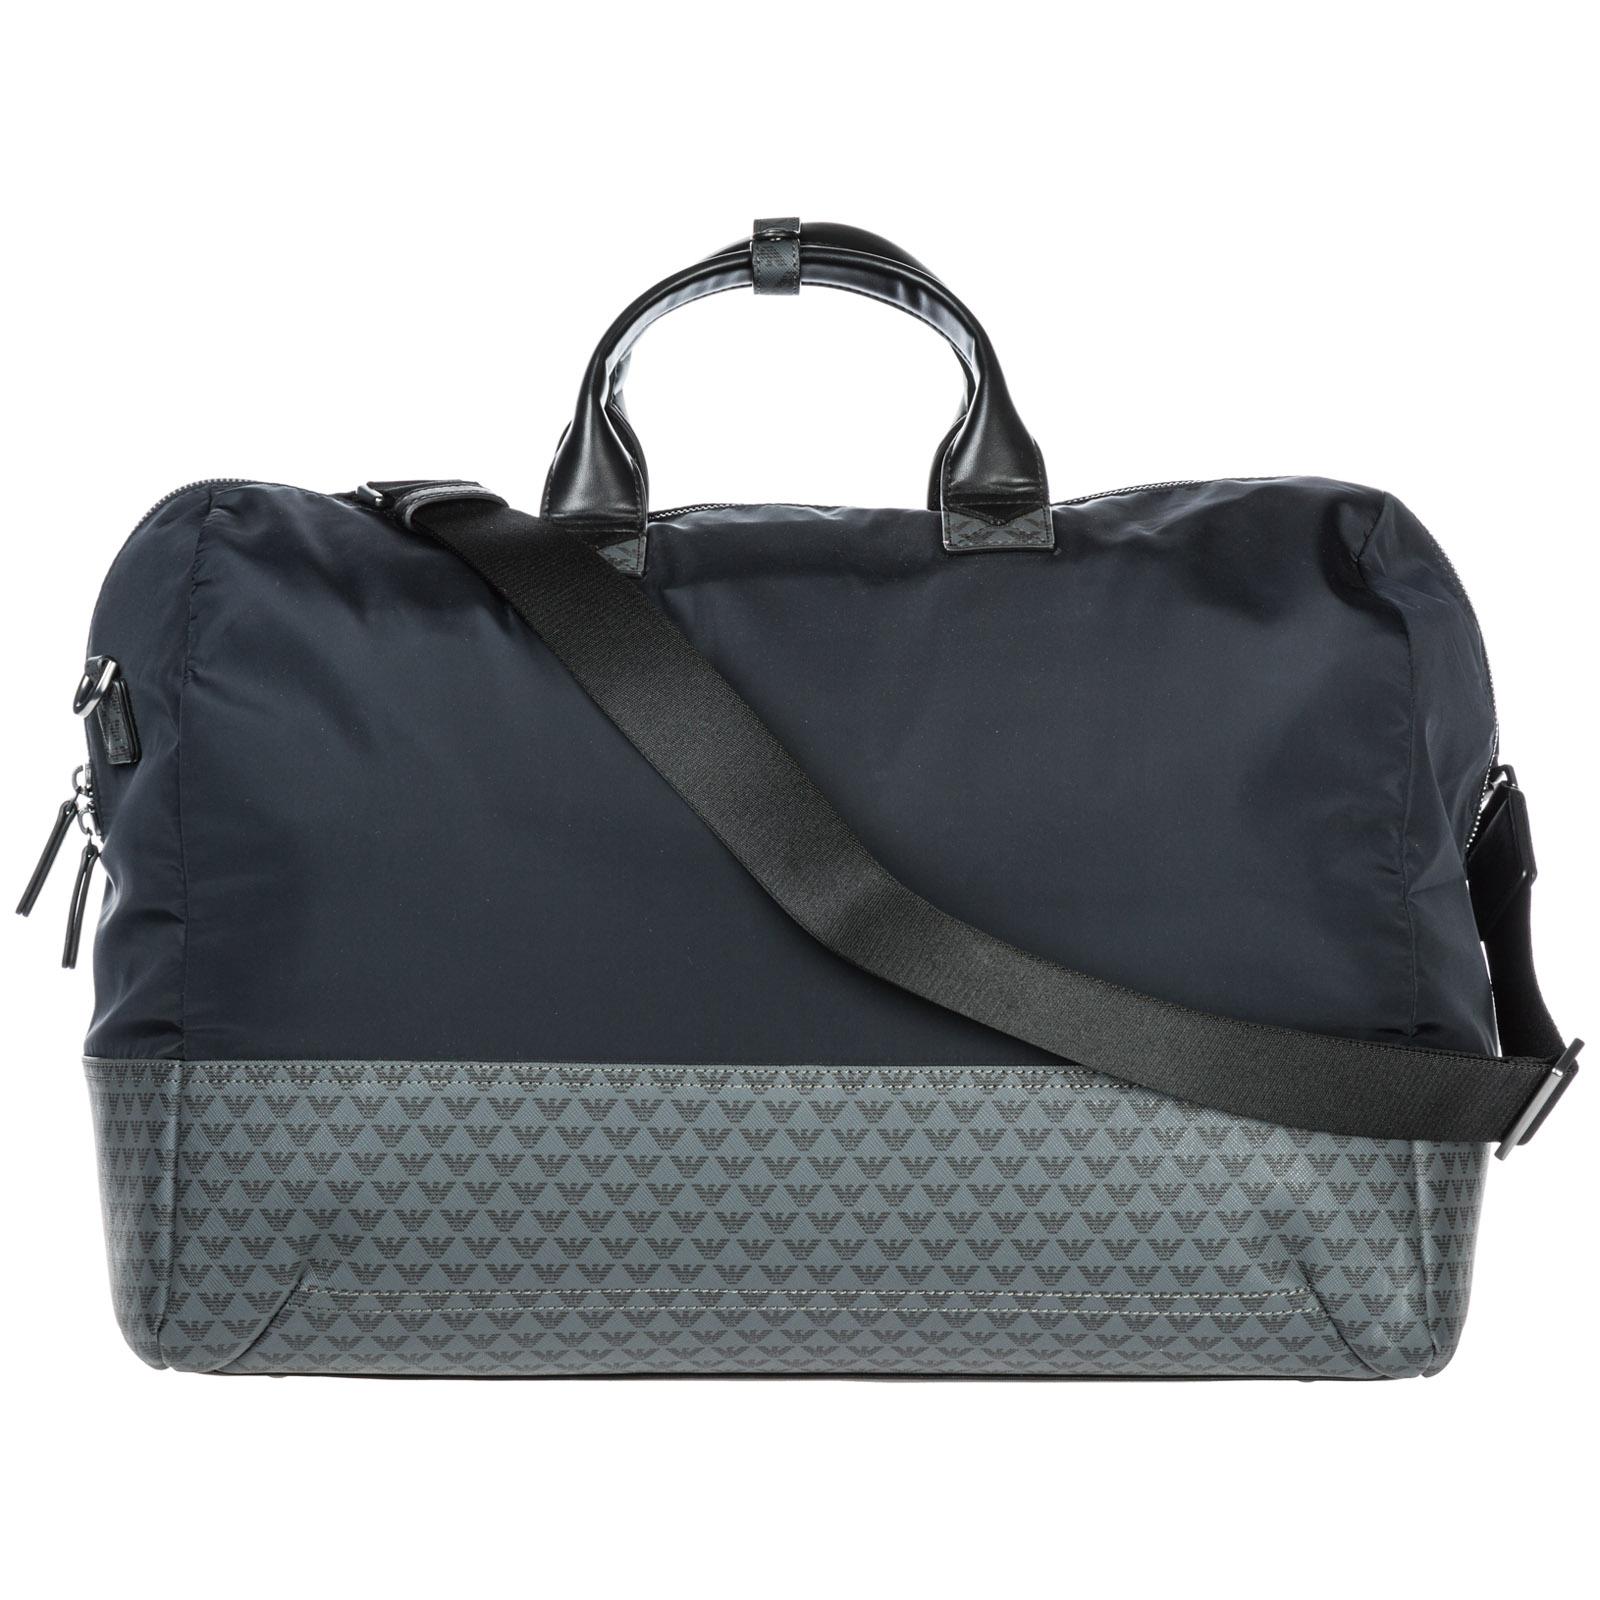 a44f8743f9d Duffle bag Emporio Armani Y4Q089YME4J83194 navy   black   FRMODA.com